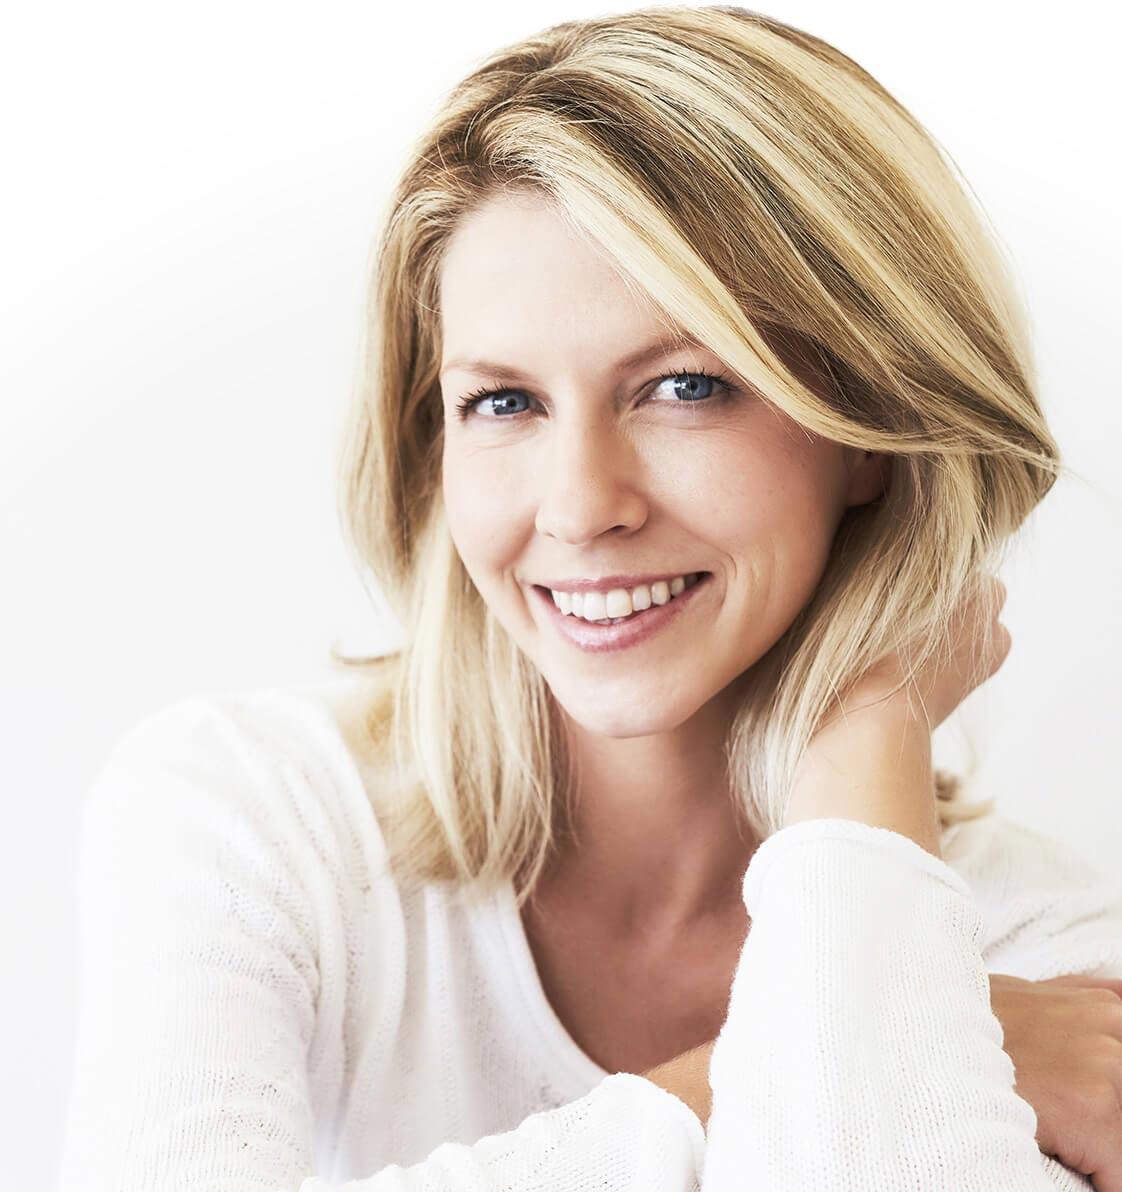 Praxisklinik Bartsch - Lächelnde Frau